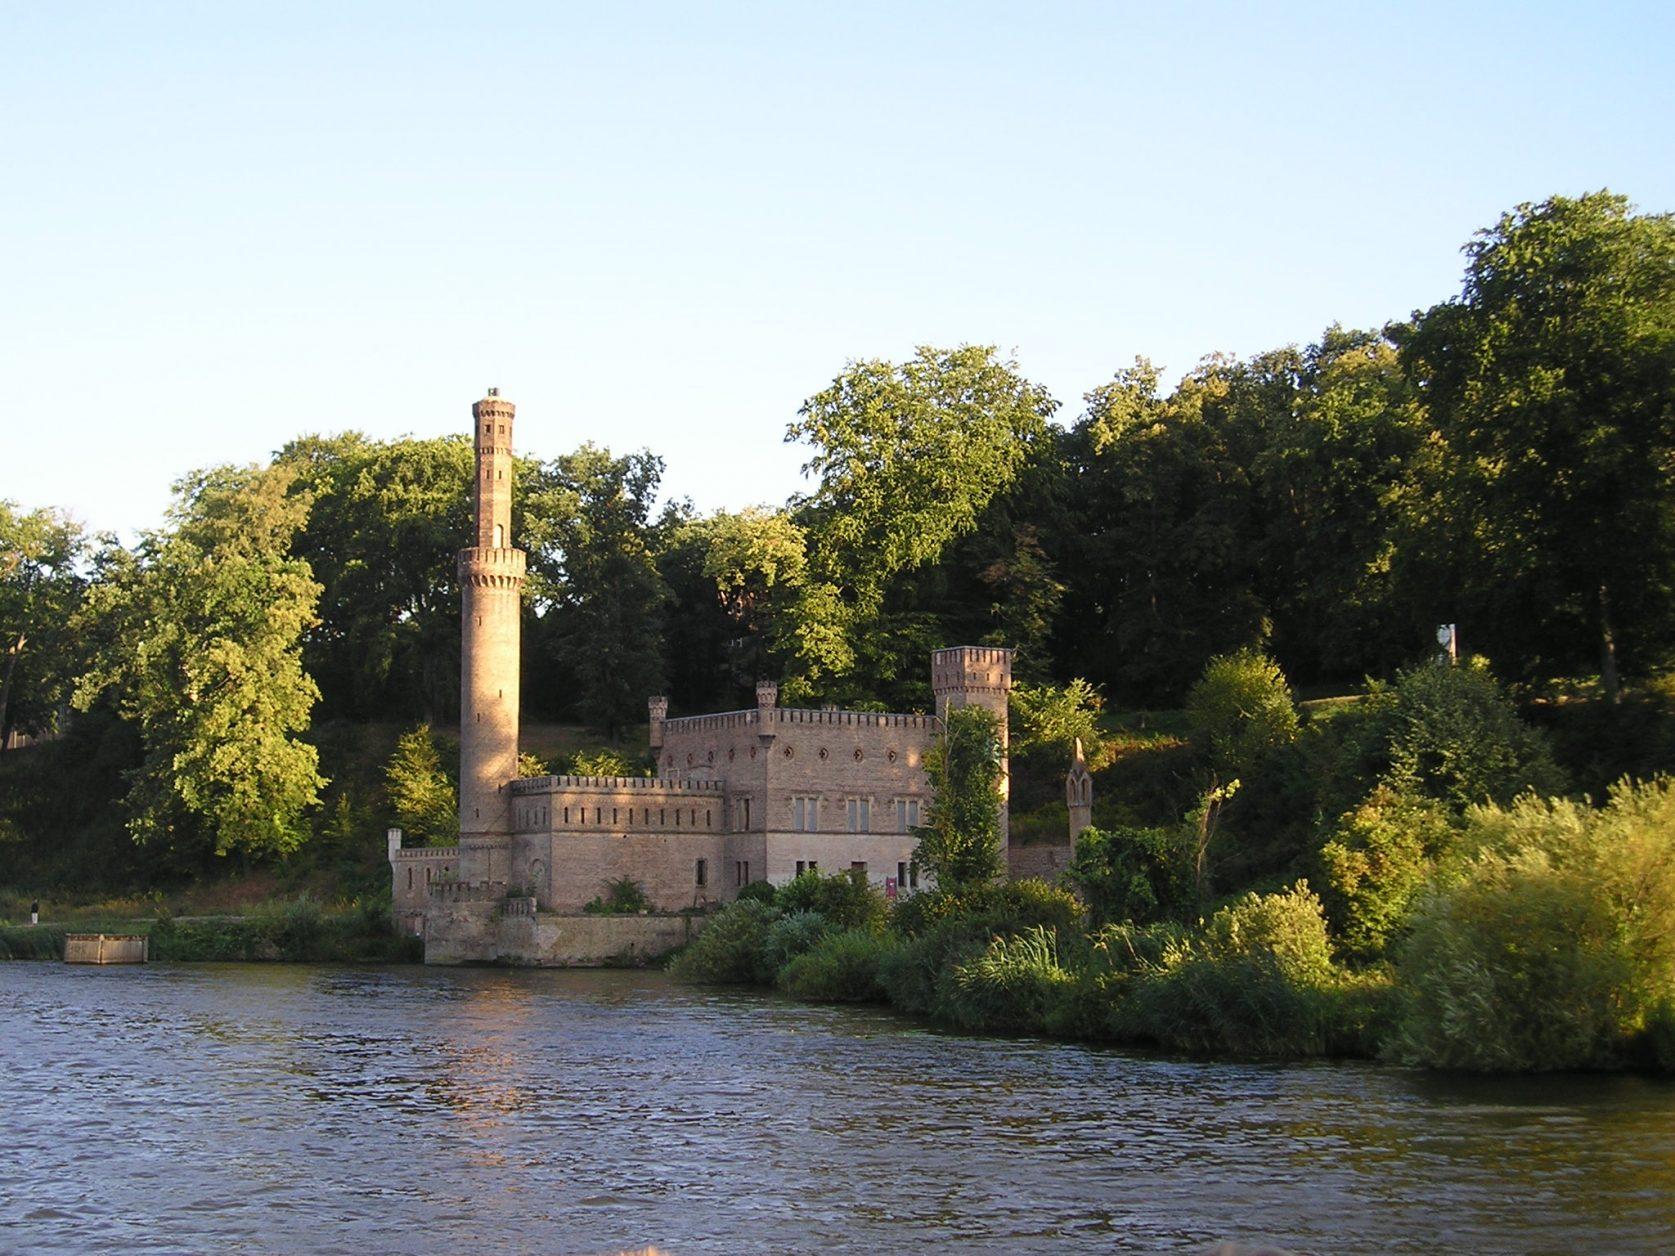 Dampfmaschinenhaus Babelsberger Park